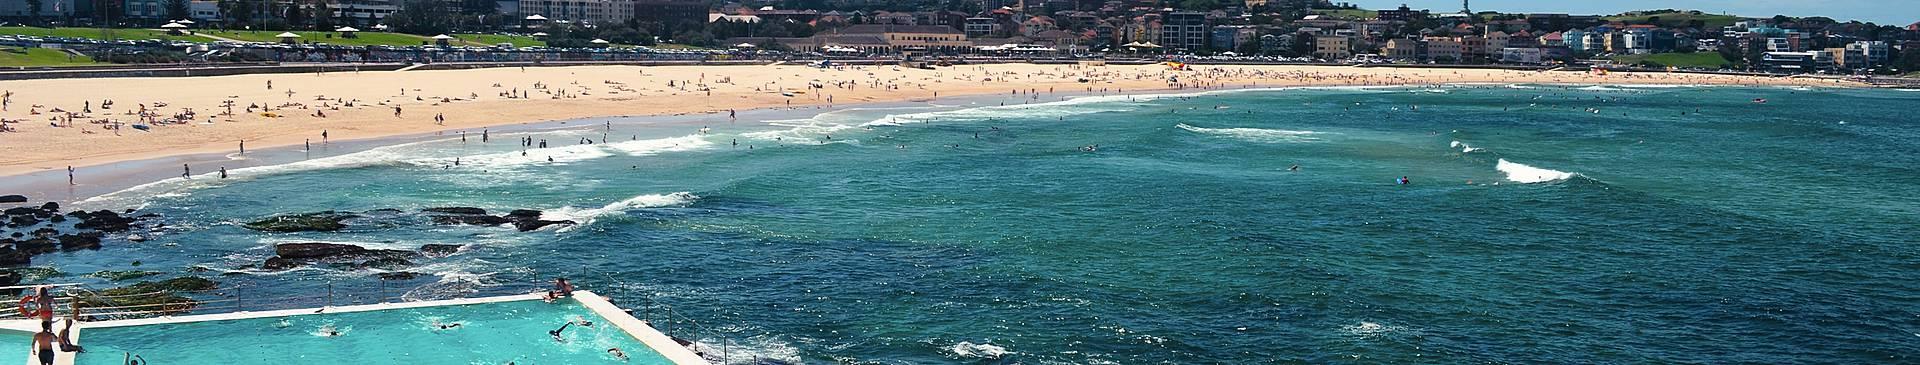 Zwei Wochen nach Australien